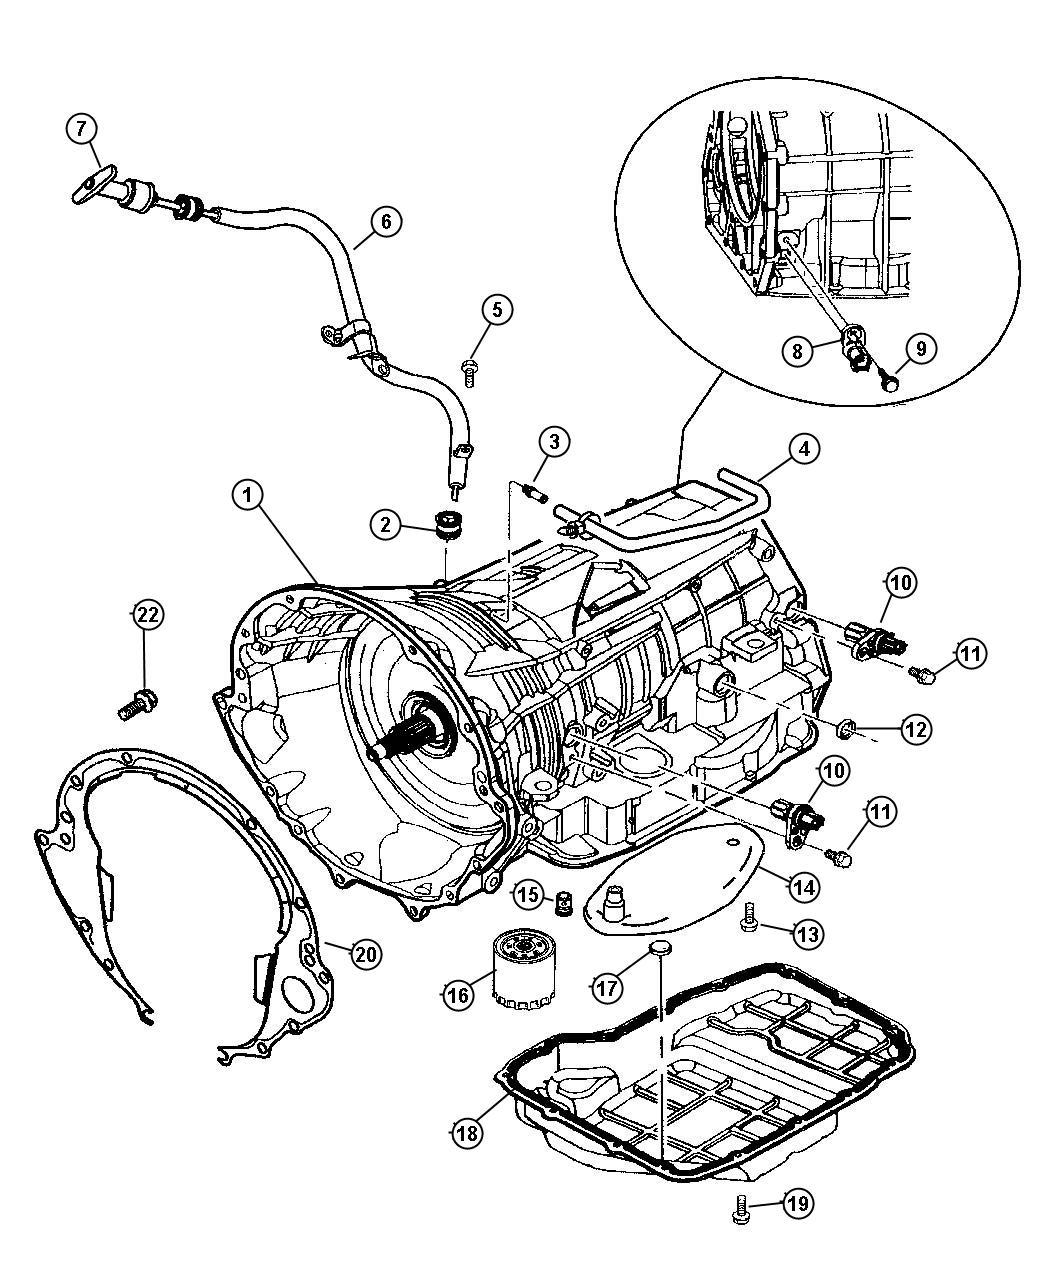 545rfe transmission schema cablage